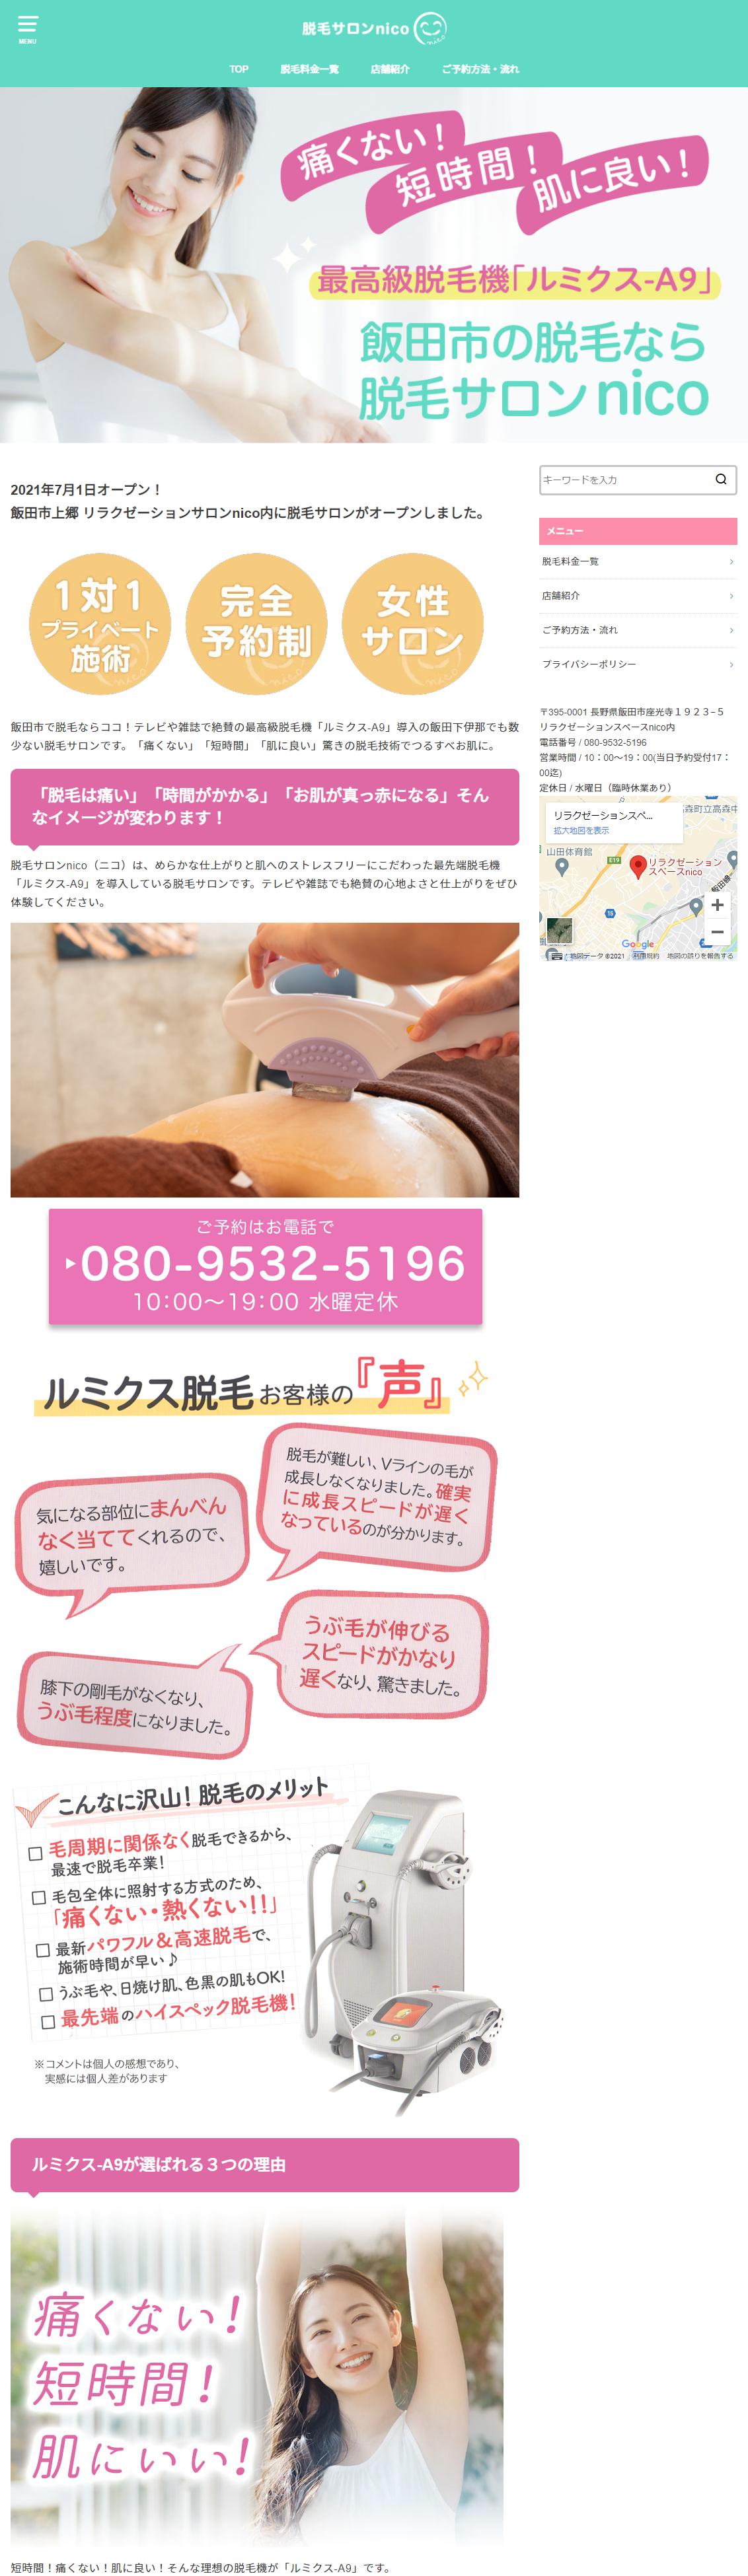 ショップツール制作 飯田市 脱毛サロンnico様